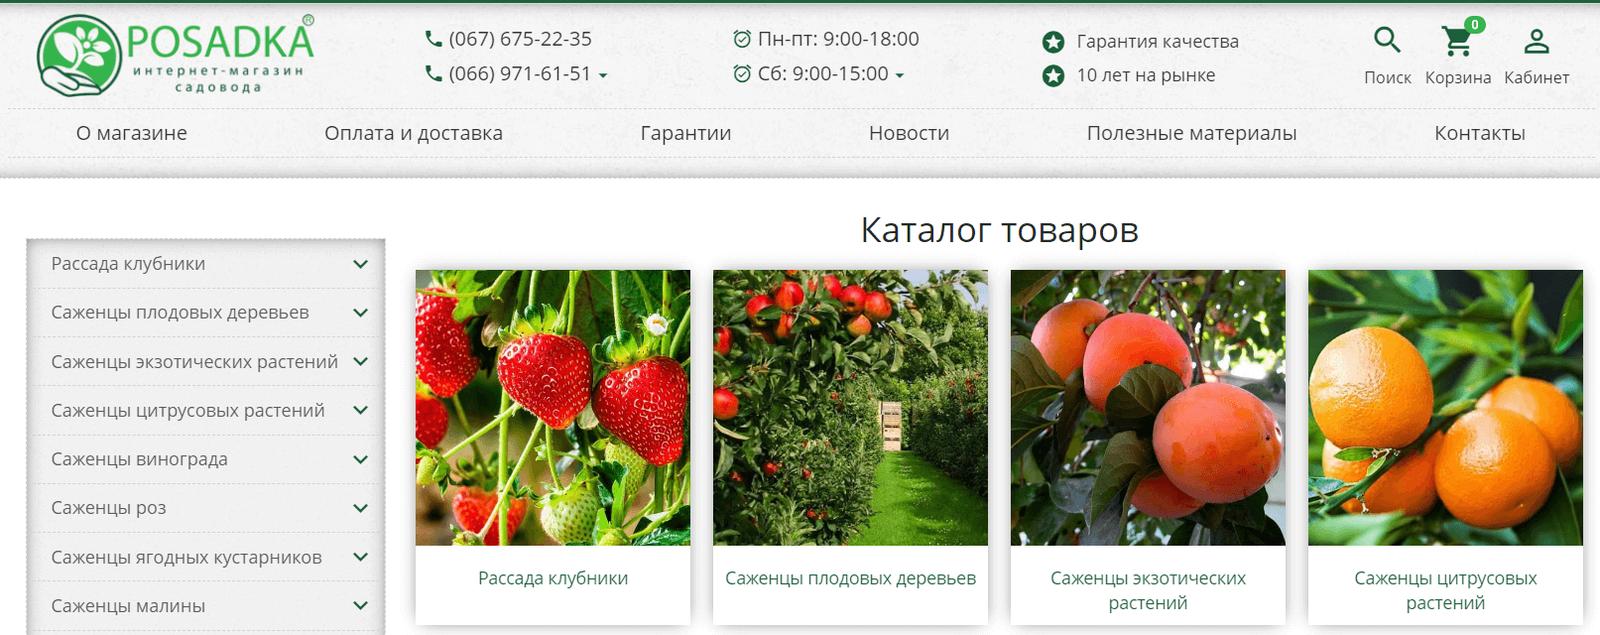 Отзывы о магазине posadka.com.ua